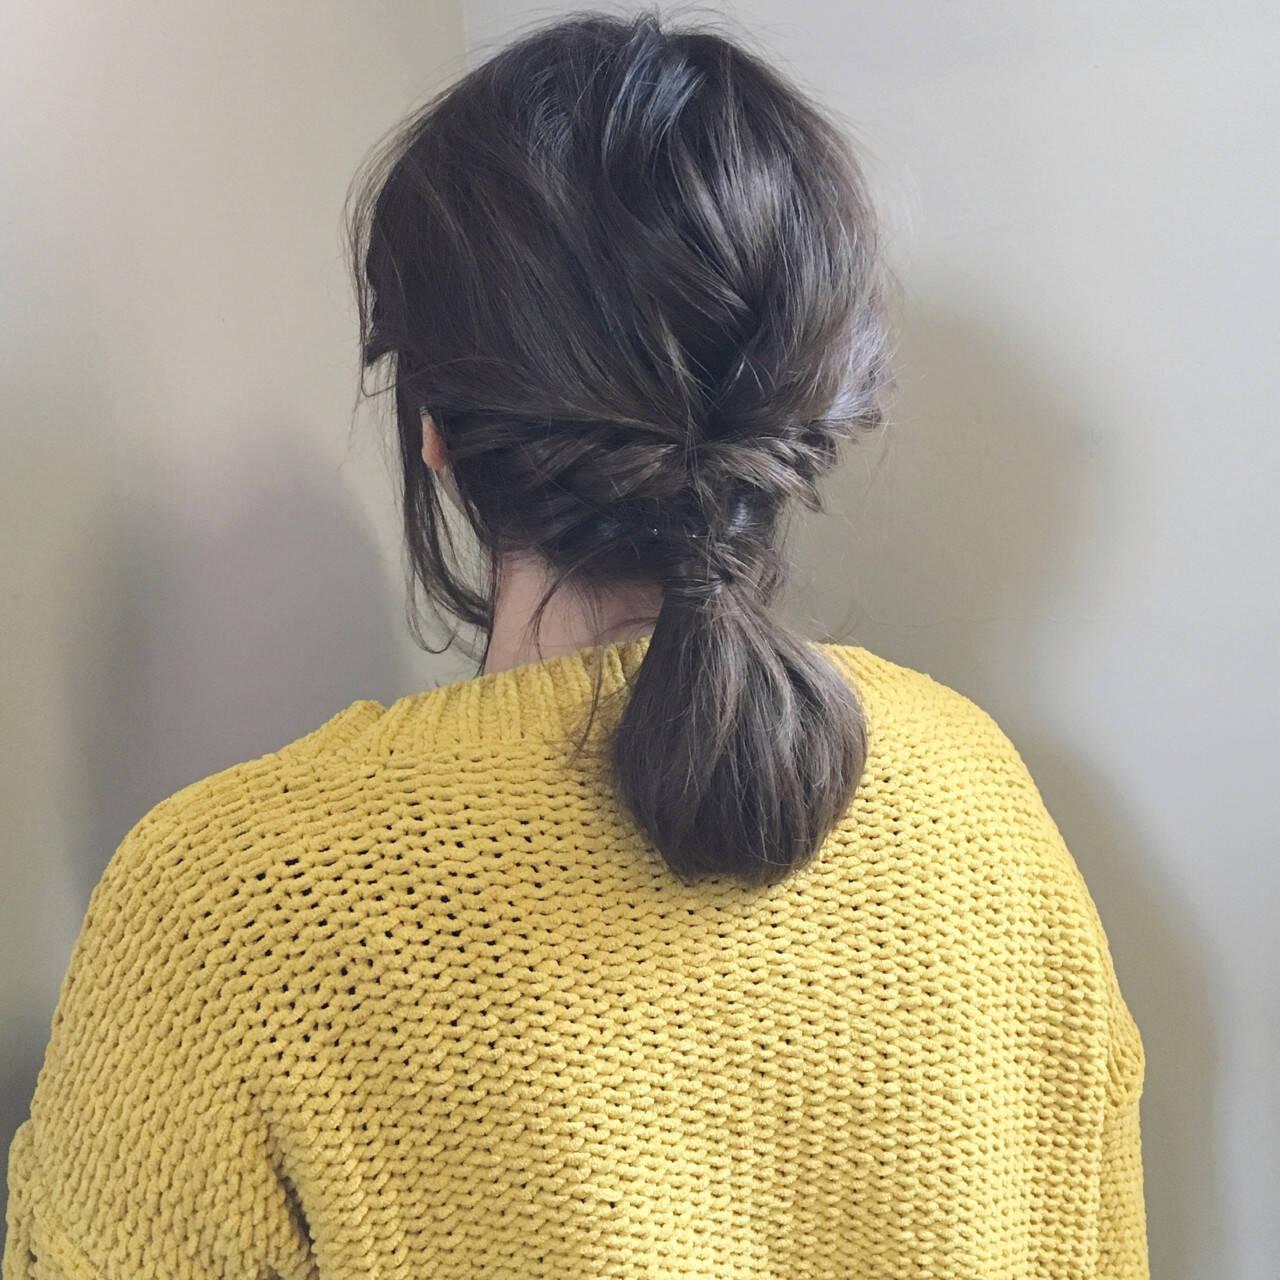 ヘアアレンジ 簡単ヘアアレンジ ナチュラル ミディアムヘアスタイルや髪型の写真・画像